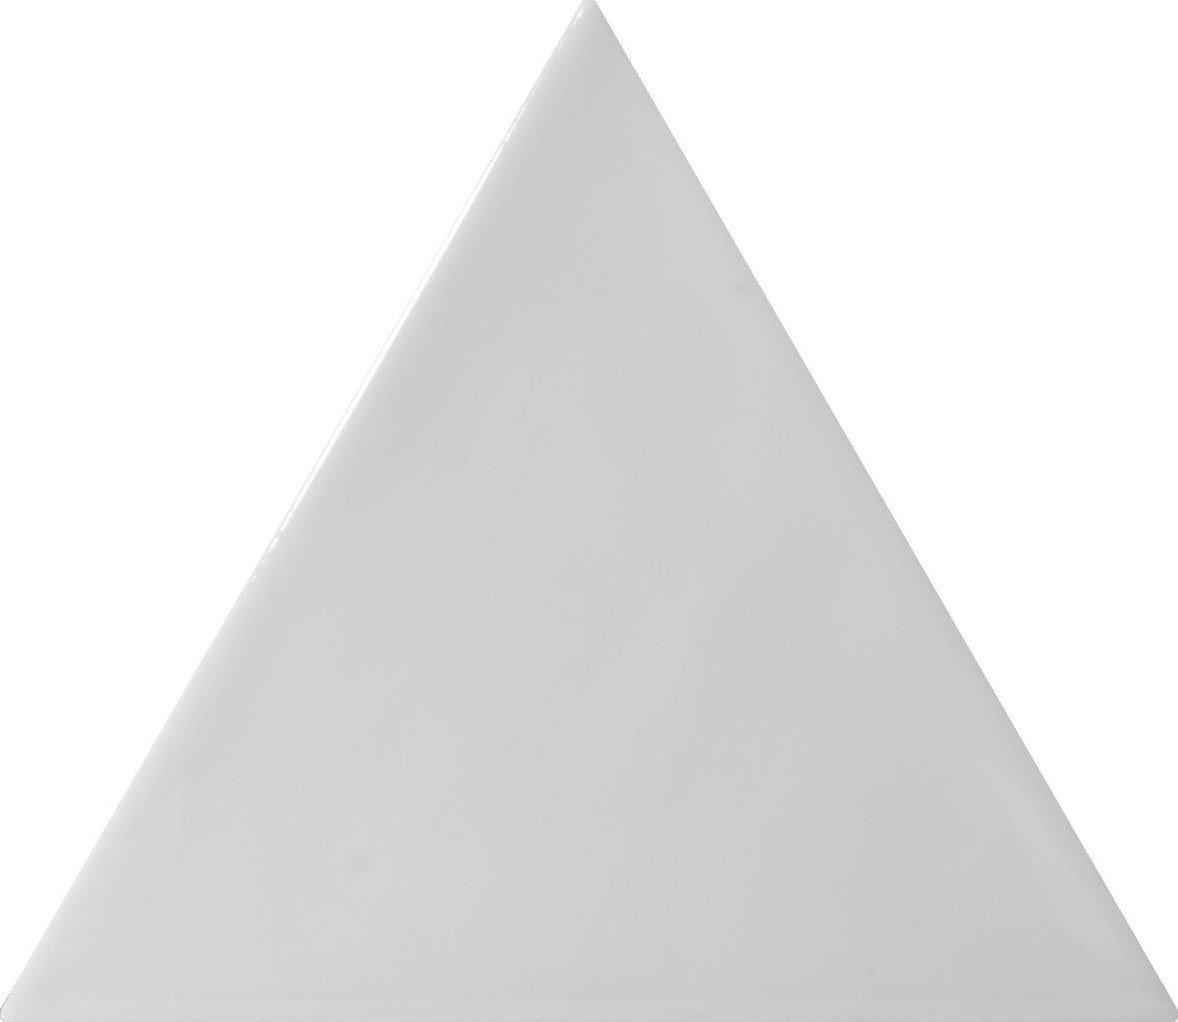 Quintessenza 3LATI driehoek tegel 13,2x11,4 Grigio Medio Lucido